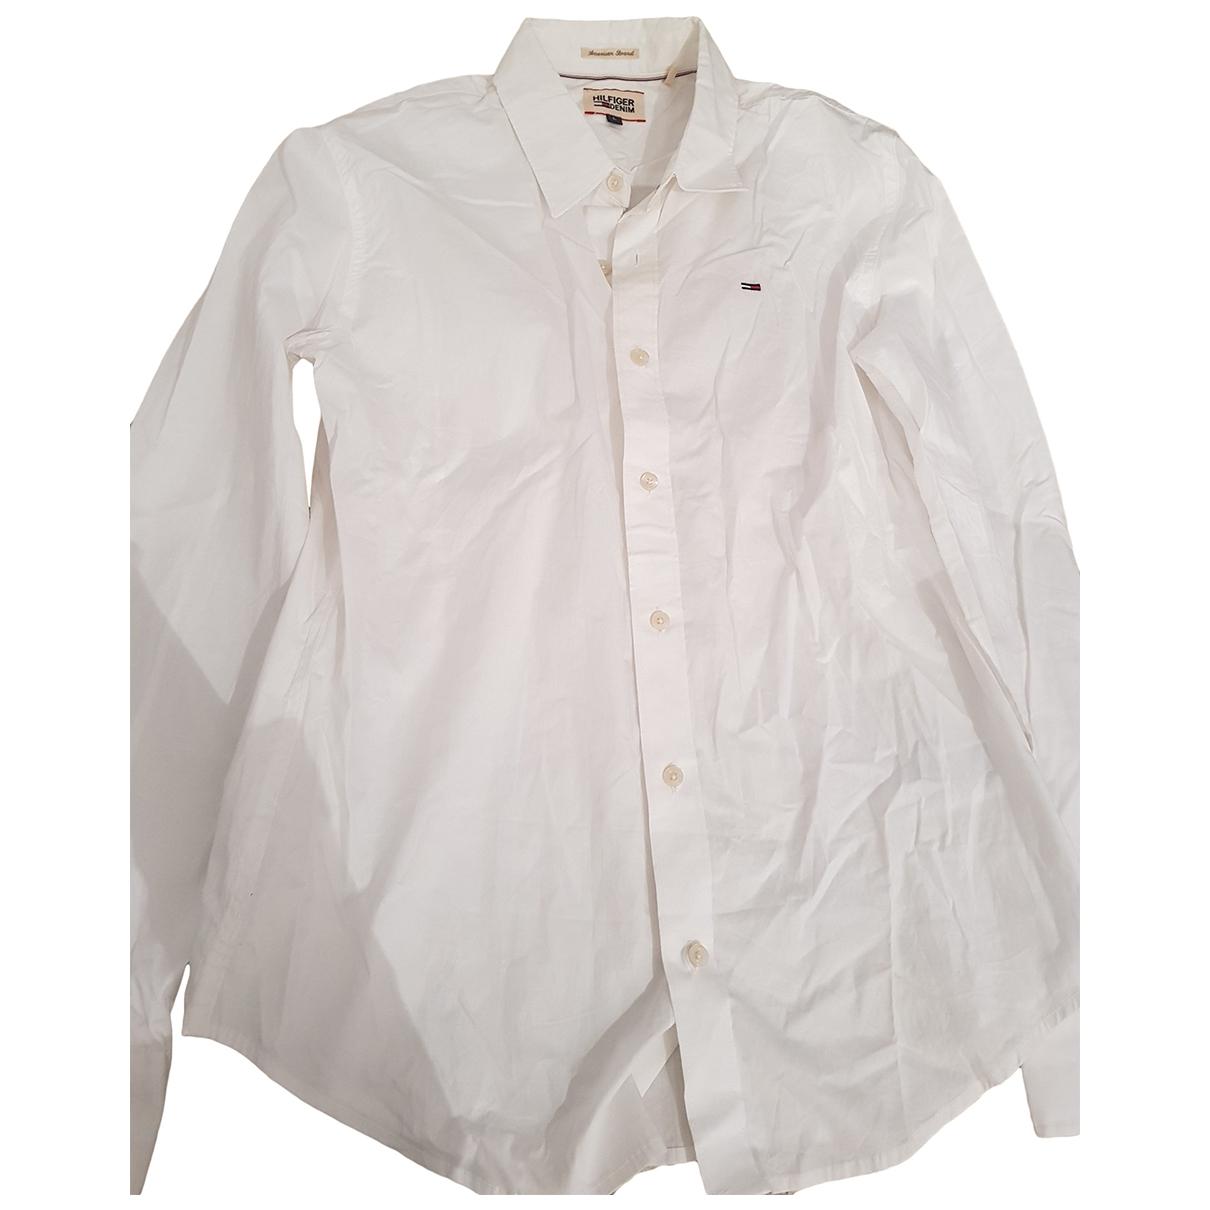 Tommy Hilfiger - Chemises   pour homme en coton - blanc